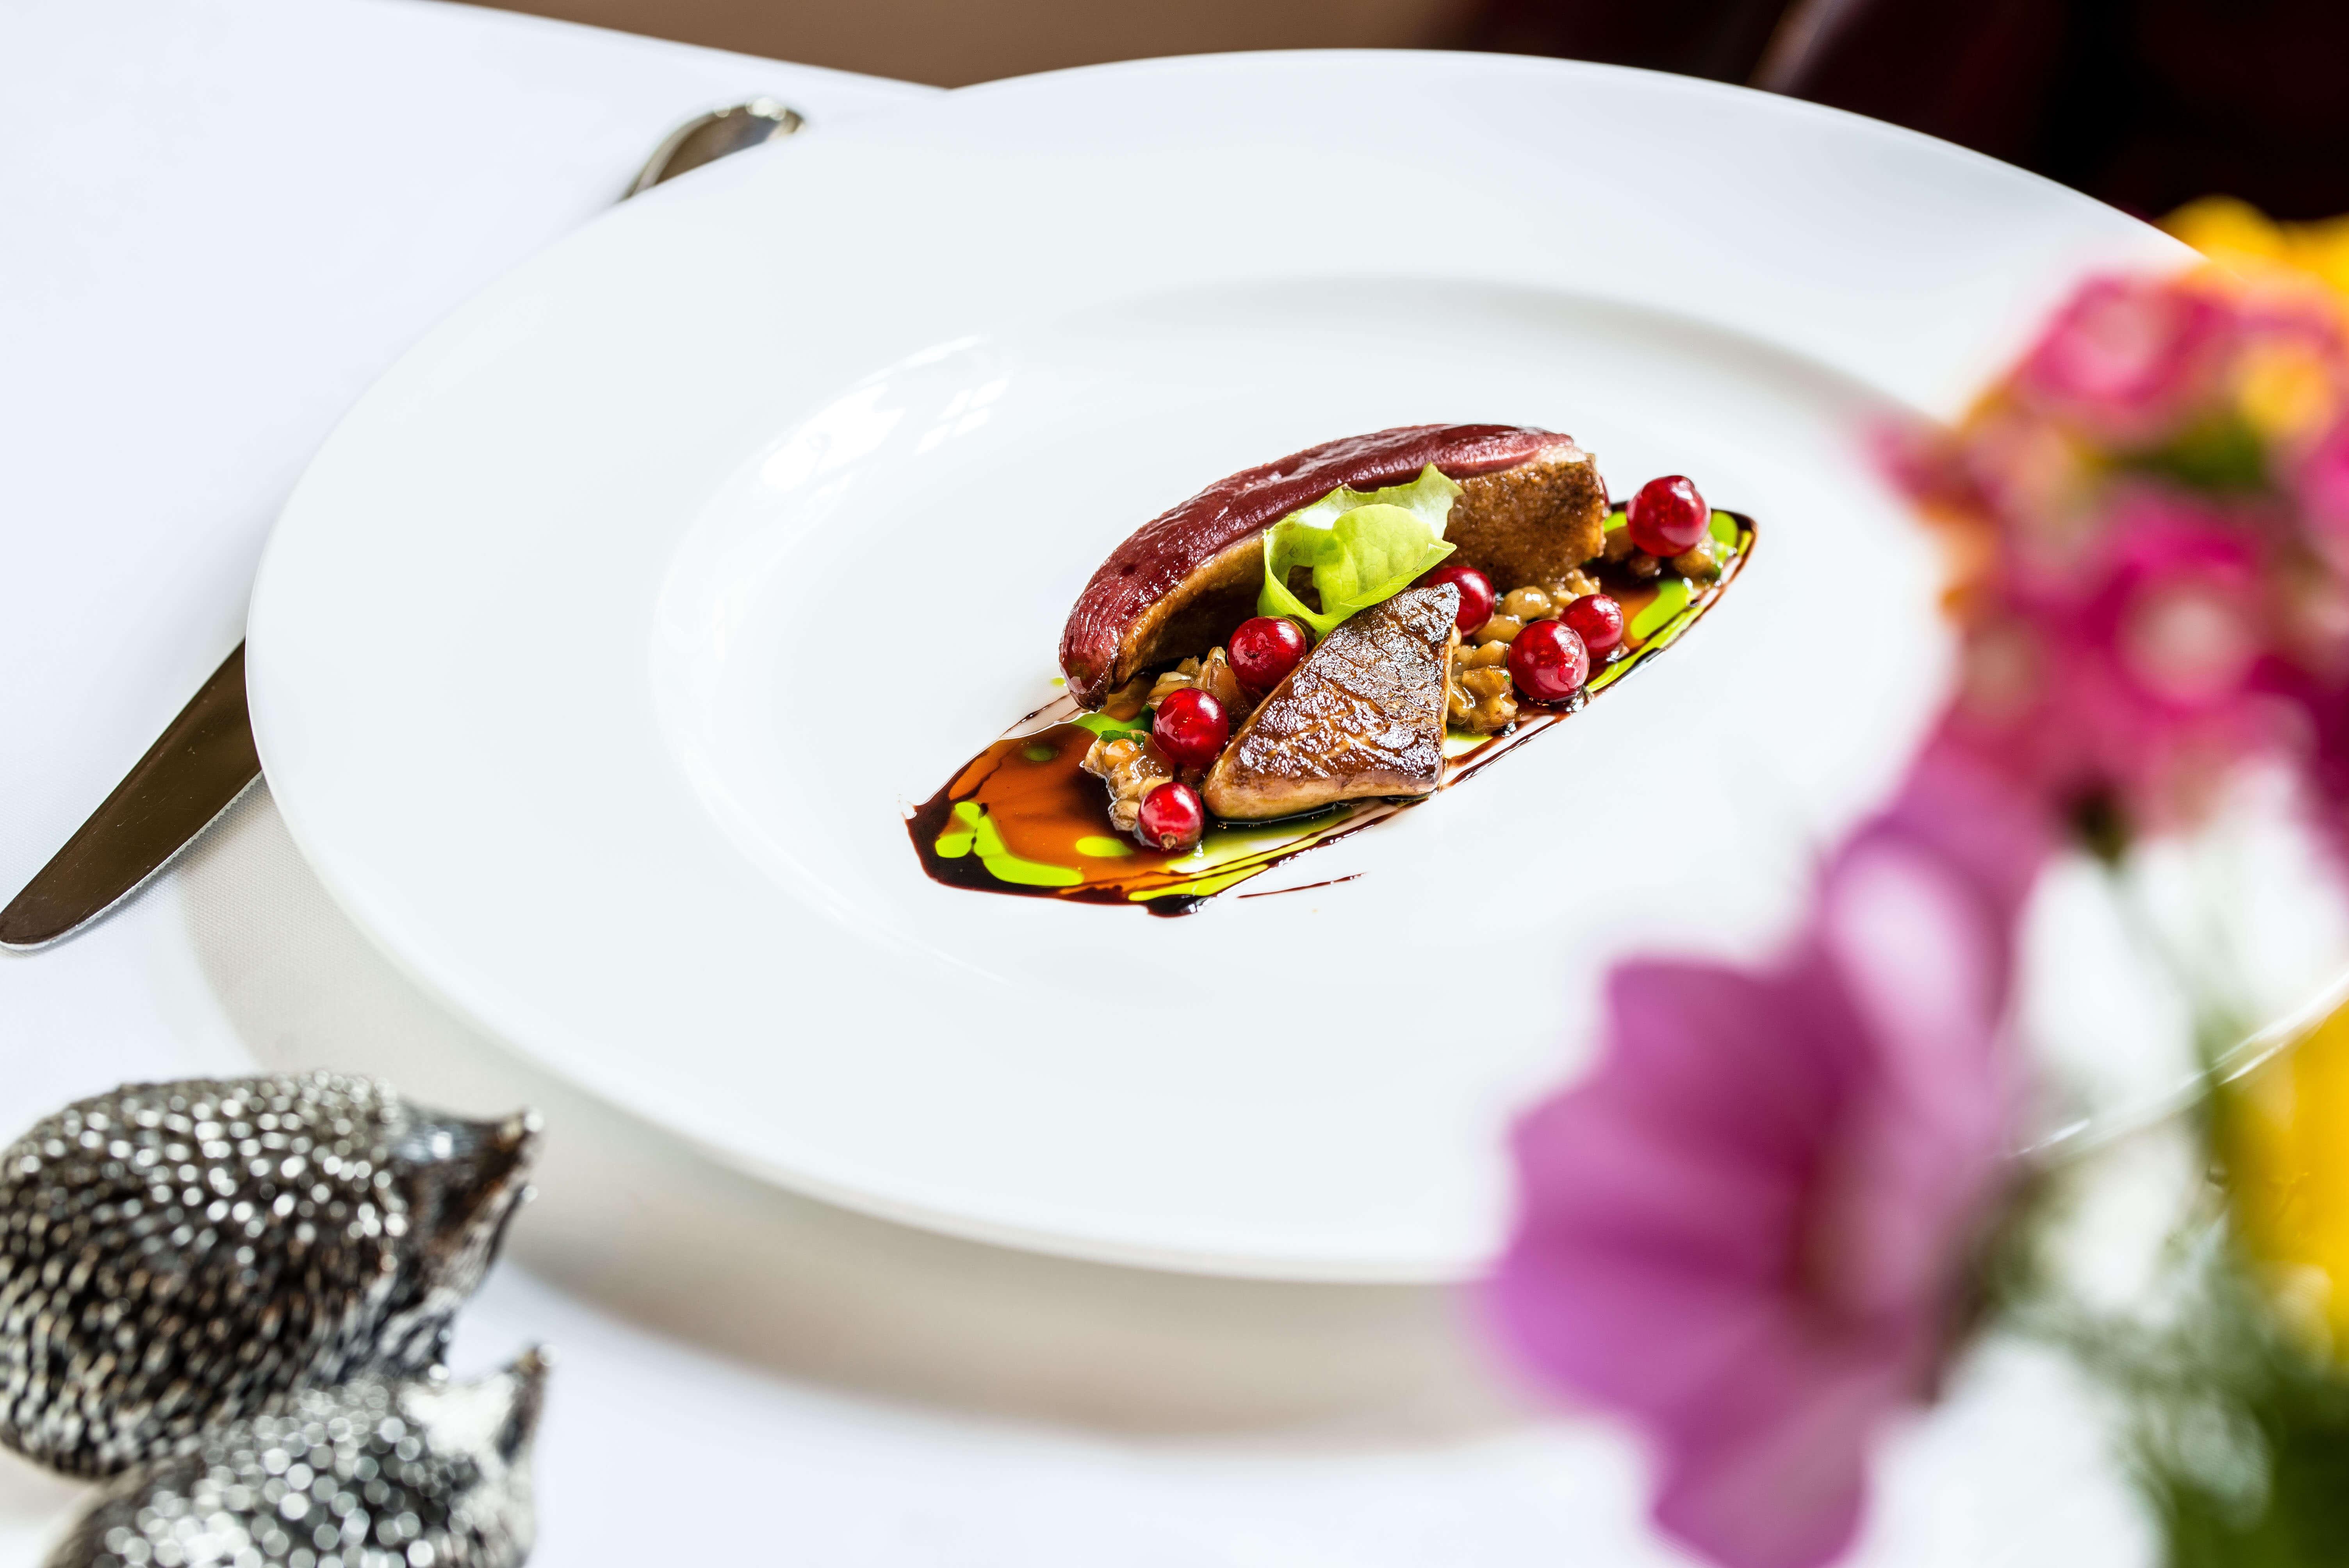 Pałac Ciekocinko 2 - Kulinarna tradycja zobowiązuje. 1906 Gourmet Restaurant w Pałacu Ciekocinko